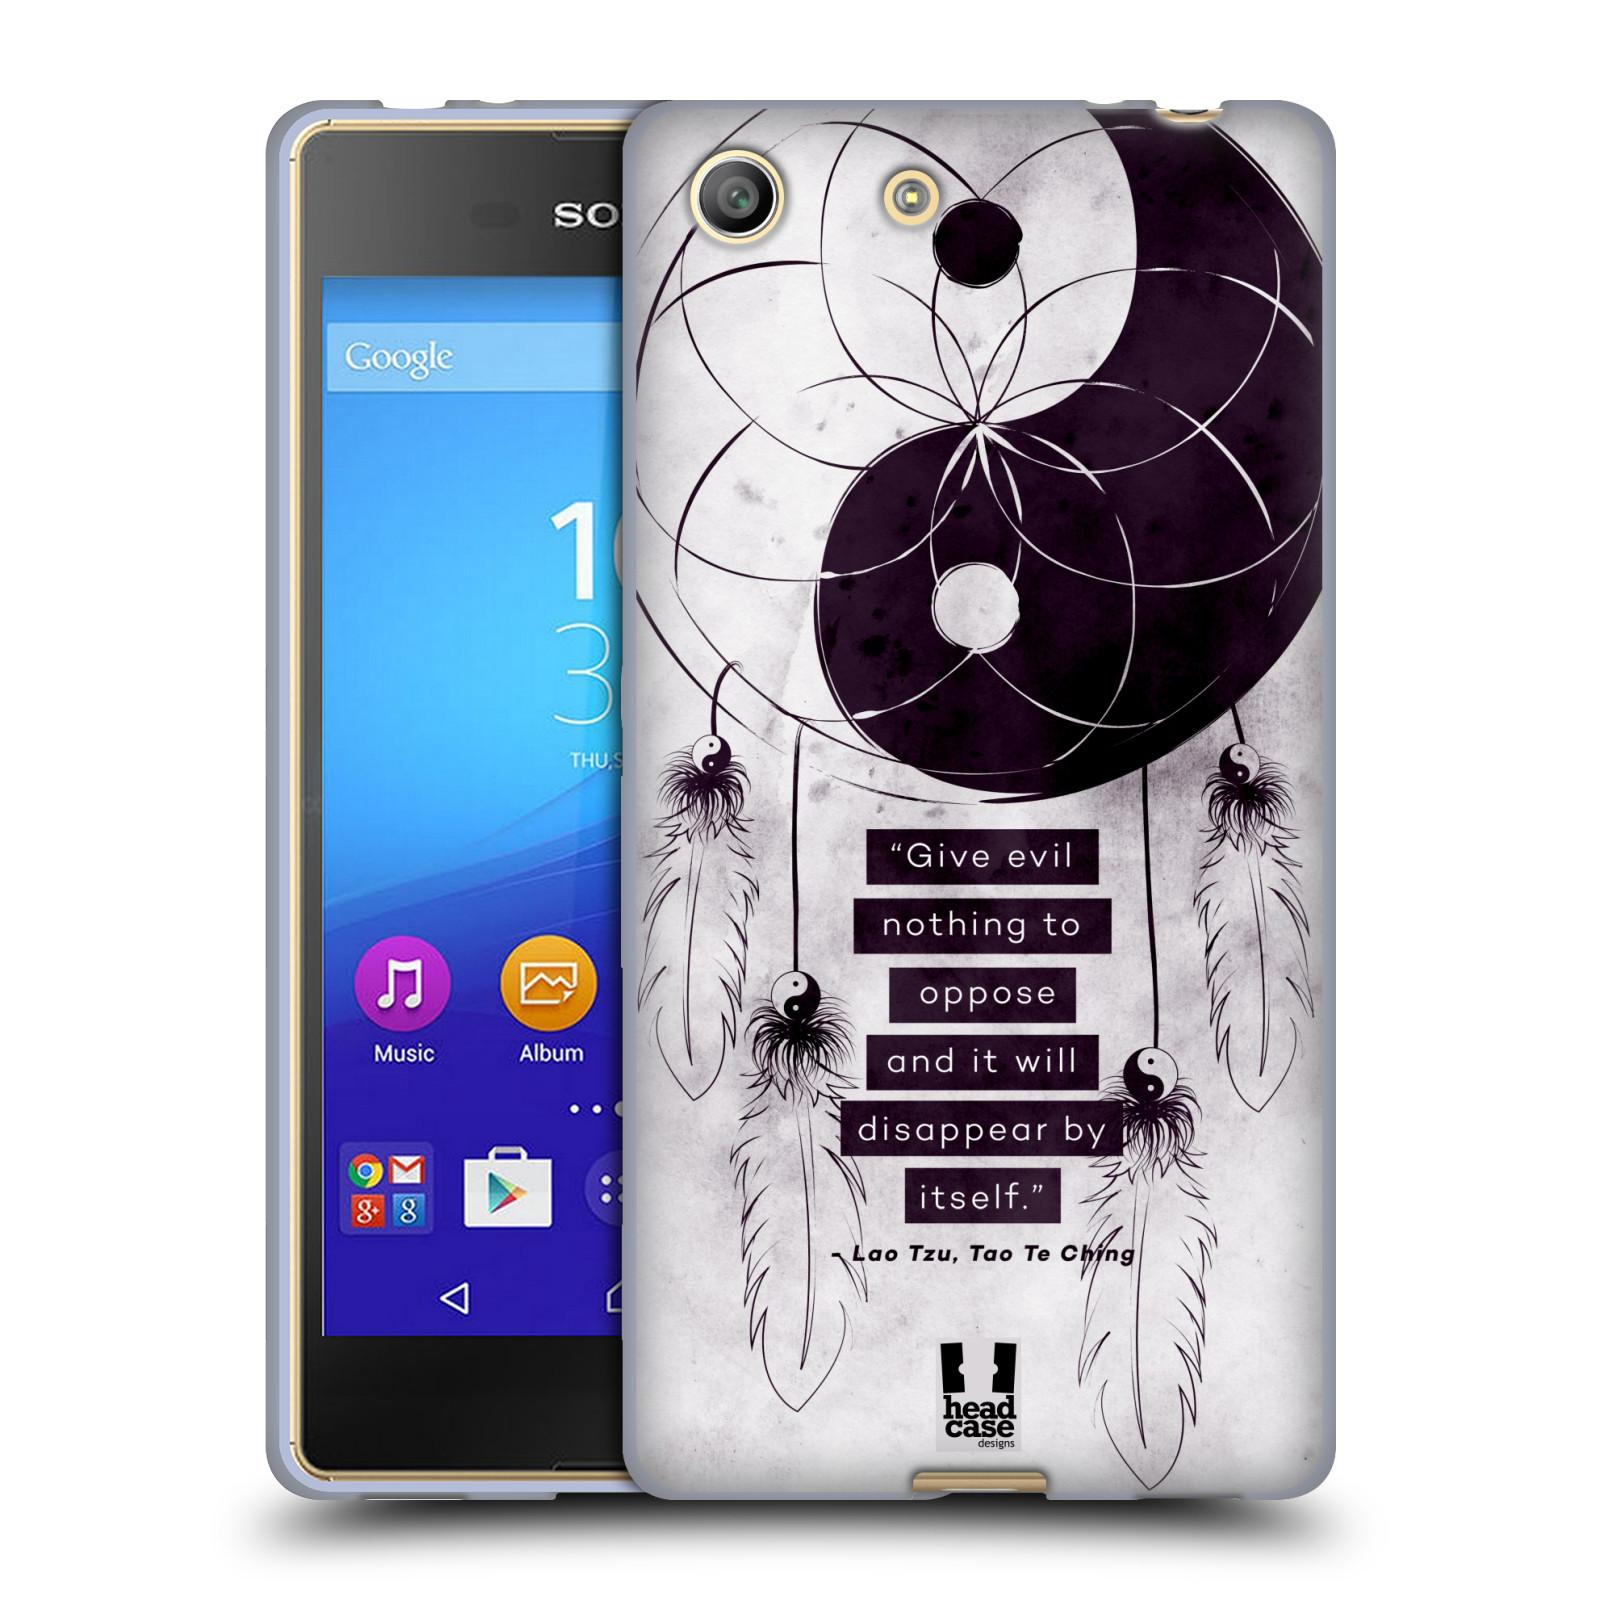 Silikonové pouzdro na mobil Sony Xperia M5 HEAD CASE YIn a Yang CATCHER (Silikonový kryt či obal na mobilní telefon Sony Xperia M5 Dual SIM / Aqua)